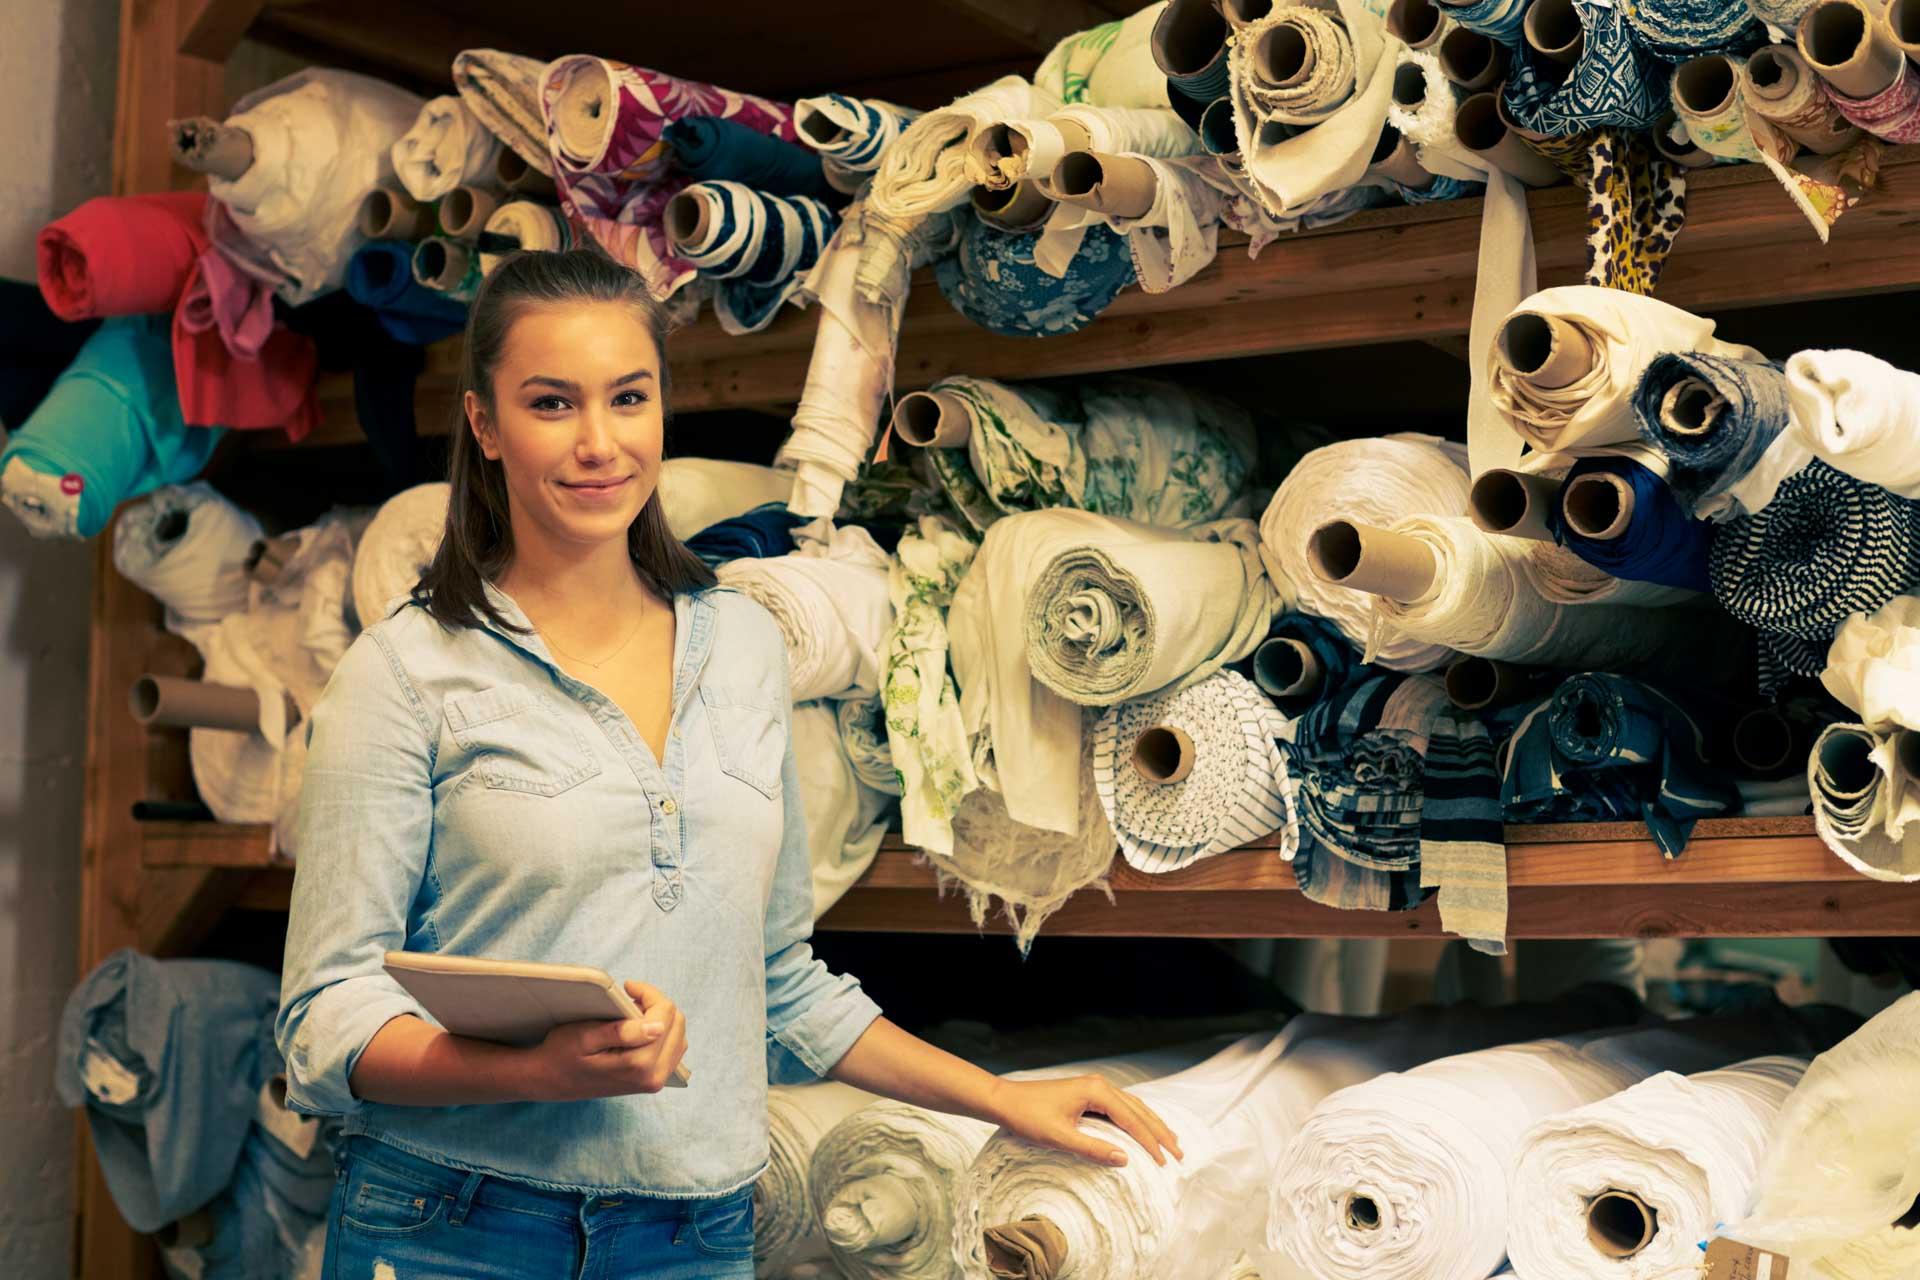 Eine junge Unternehmerin mit einem Tablet in der Hand steht vor einem Lagerregal voller Stoffbahnen.